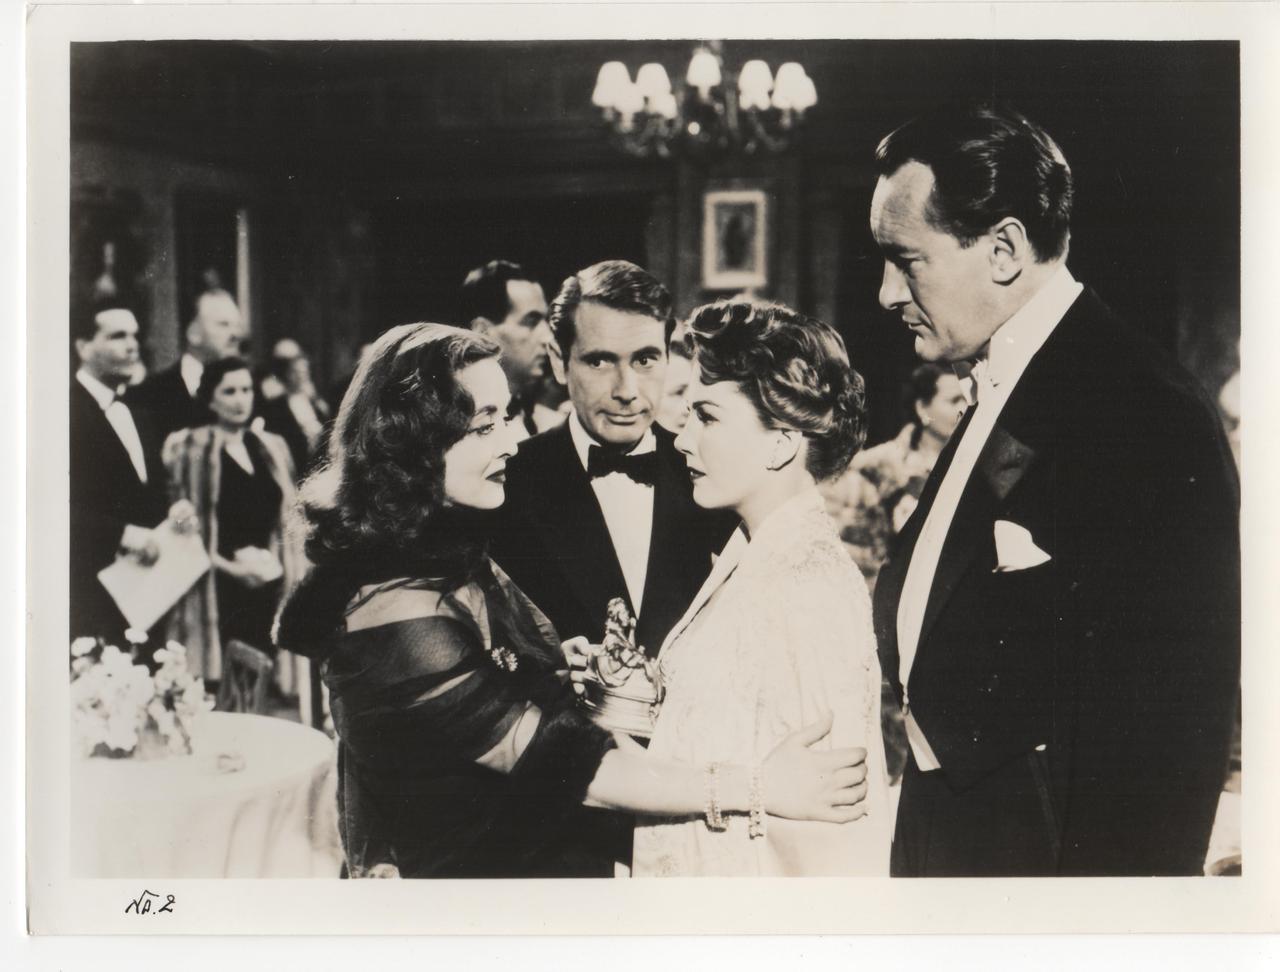 画像: All About Eve © 1951 Twentieth Century Fox Film Corporation. Renewed 1979 Twentieth Century Fox Film Corporation. All rights reserved.